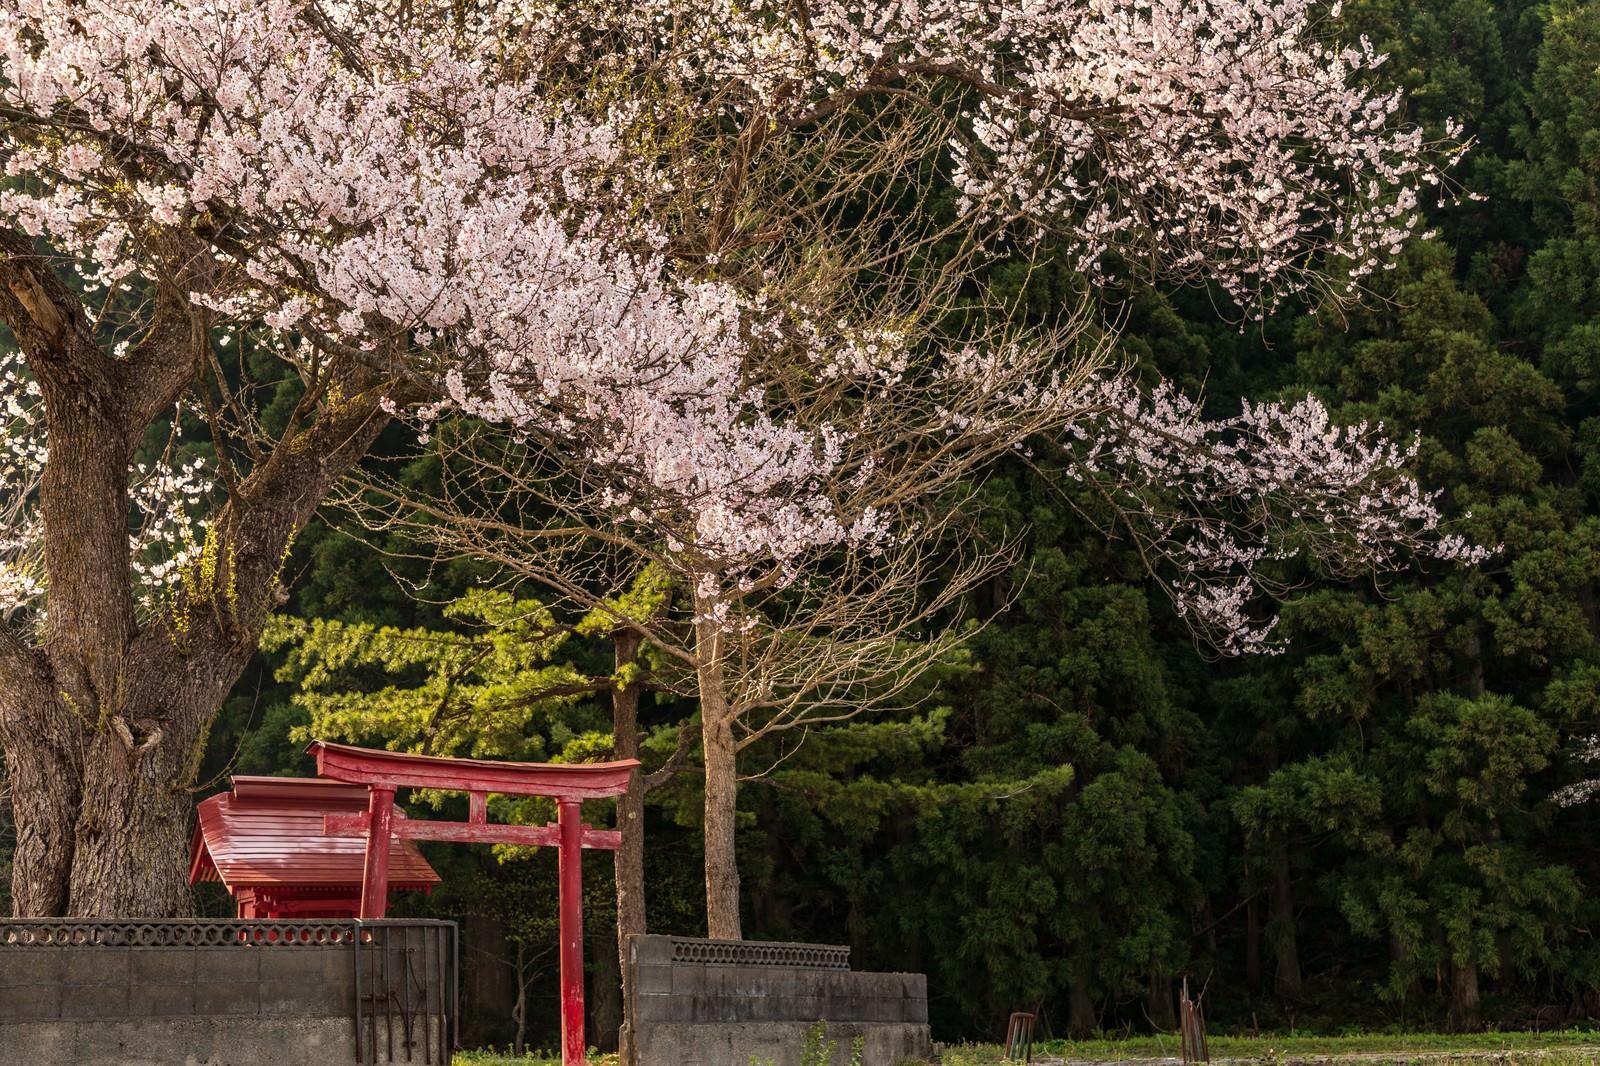 「小さな祠と桜小さな祠と桜」のフリー写真素材を拡大